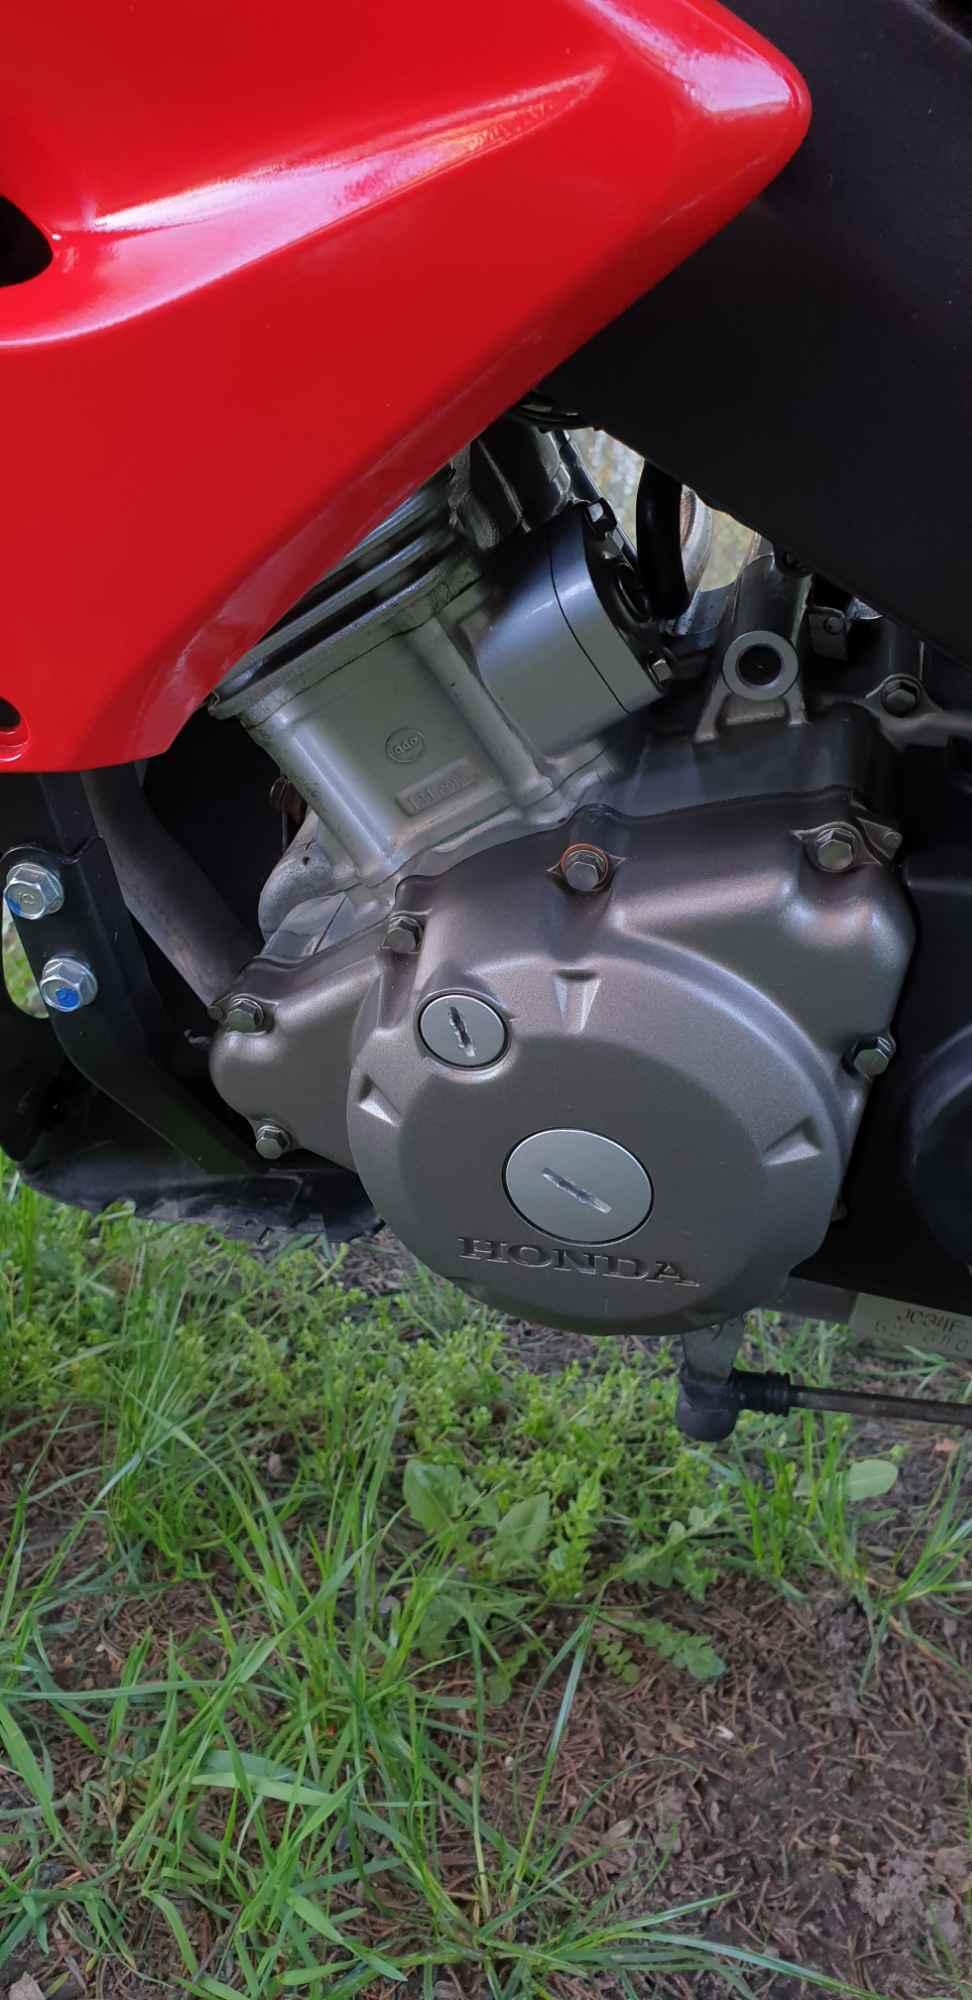 Honda Cbr 125r Barchów - zdjęcie 9